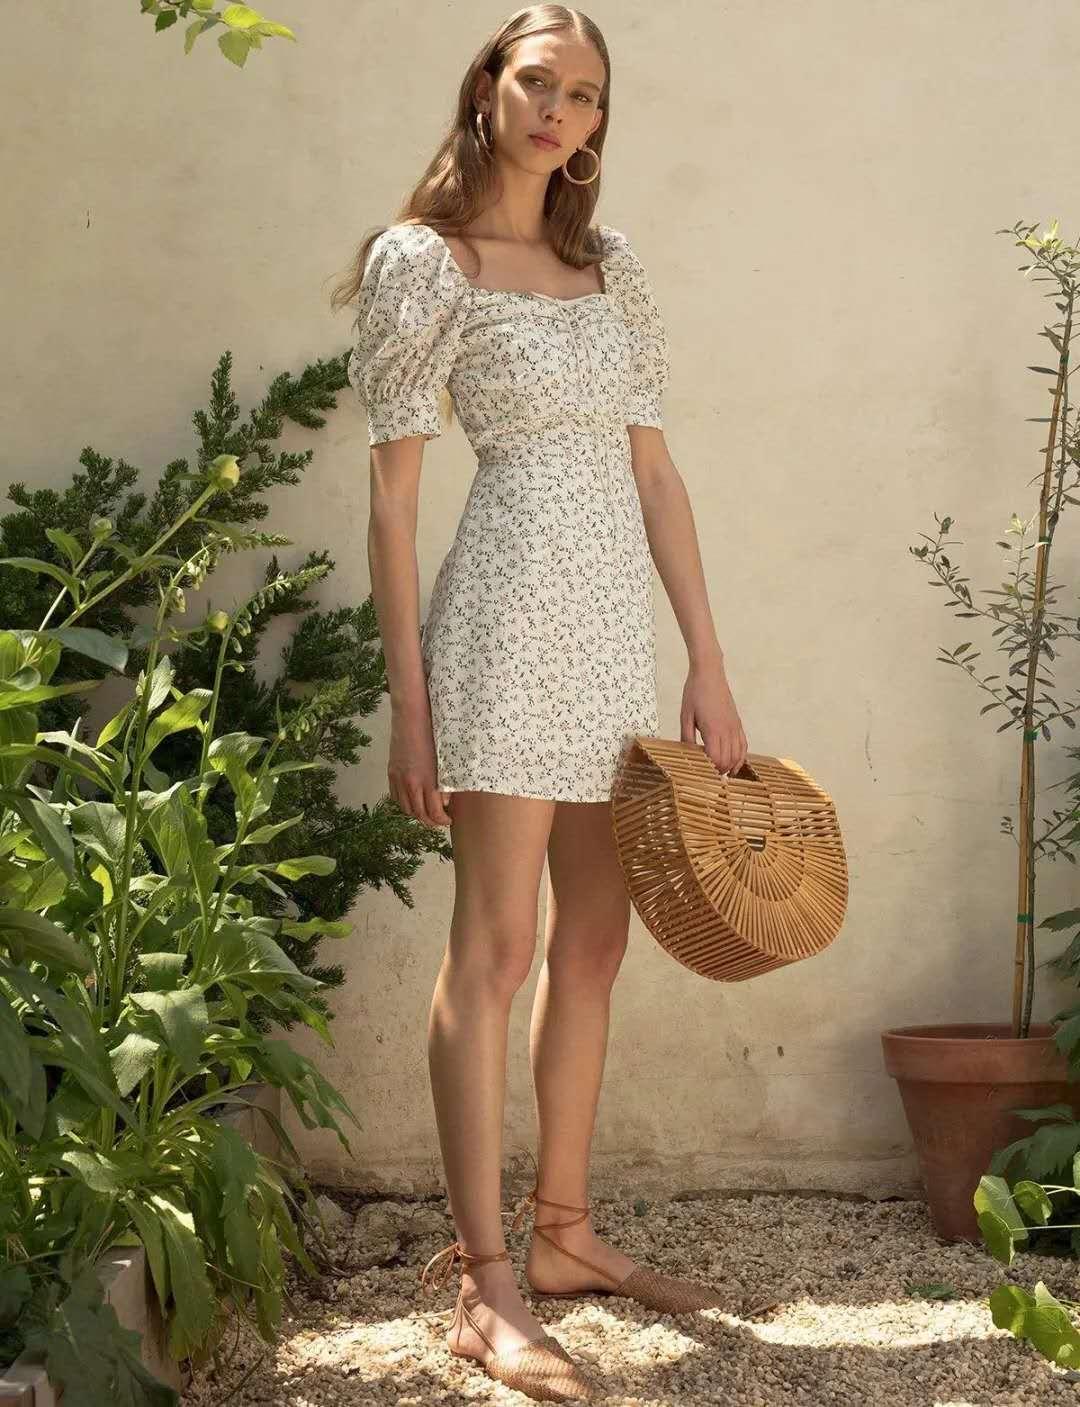 """小黑裙不受宠了,今年开始流行""""奶奶裙"""",优雅减龄有气质"""